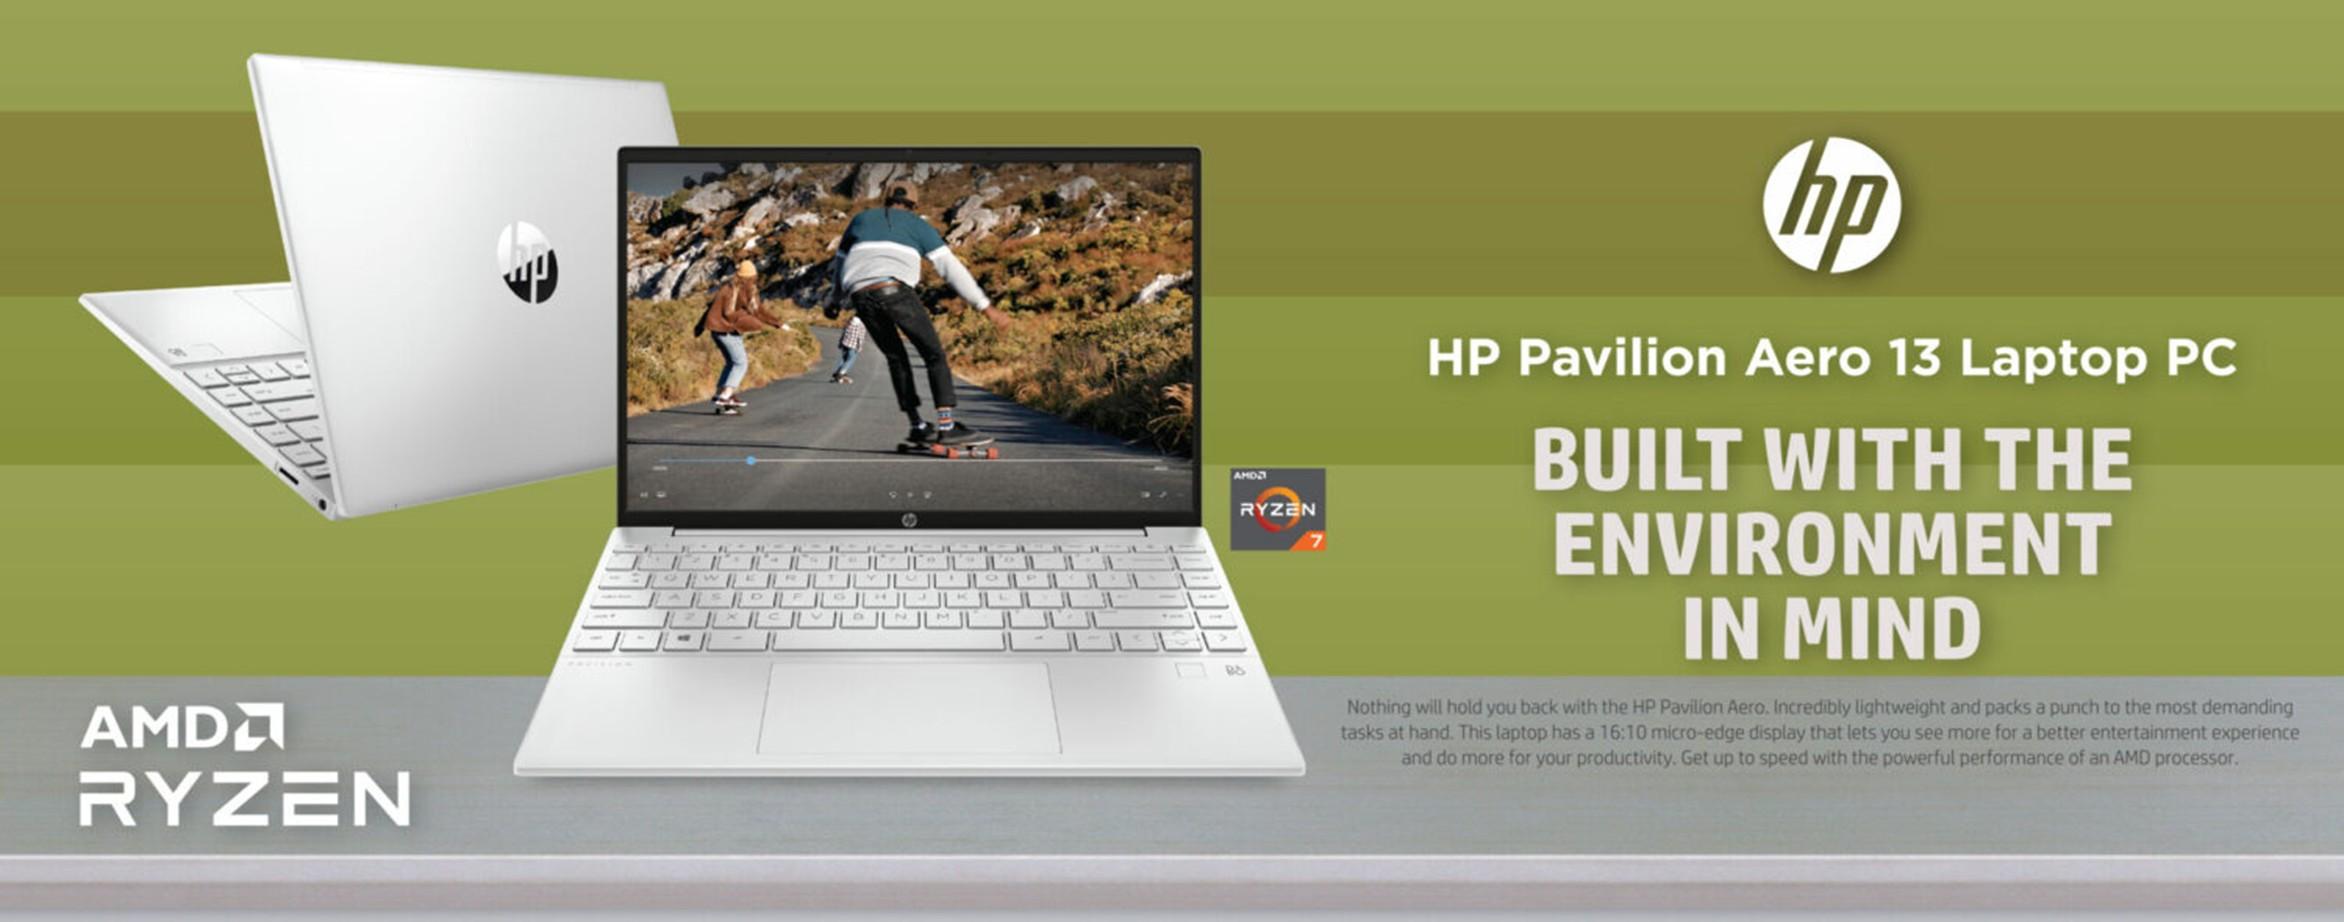 HP Pavilion 13 ที่อัดแน่นด้วยประสิทธิภาพที่เพียงพอต่อการใช้งานในรสิ่งต่างๆที่คุณต้องทำ